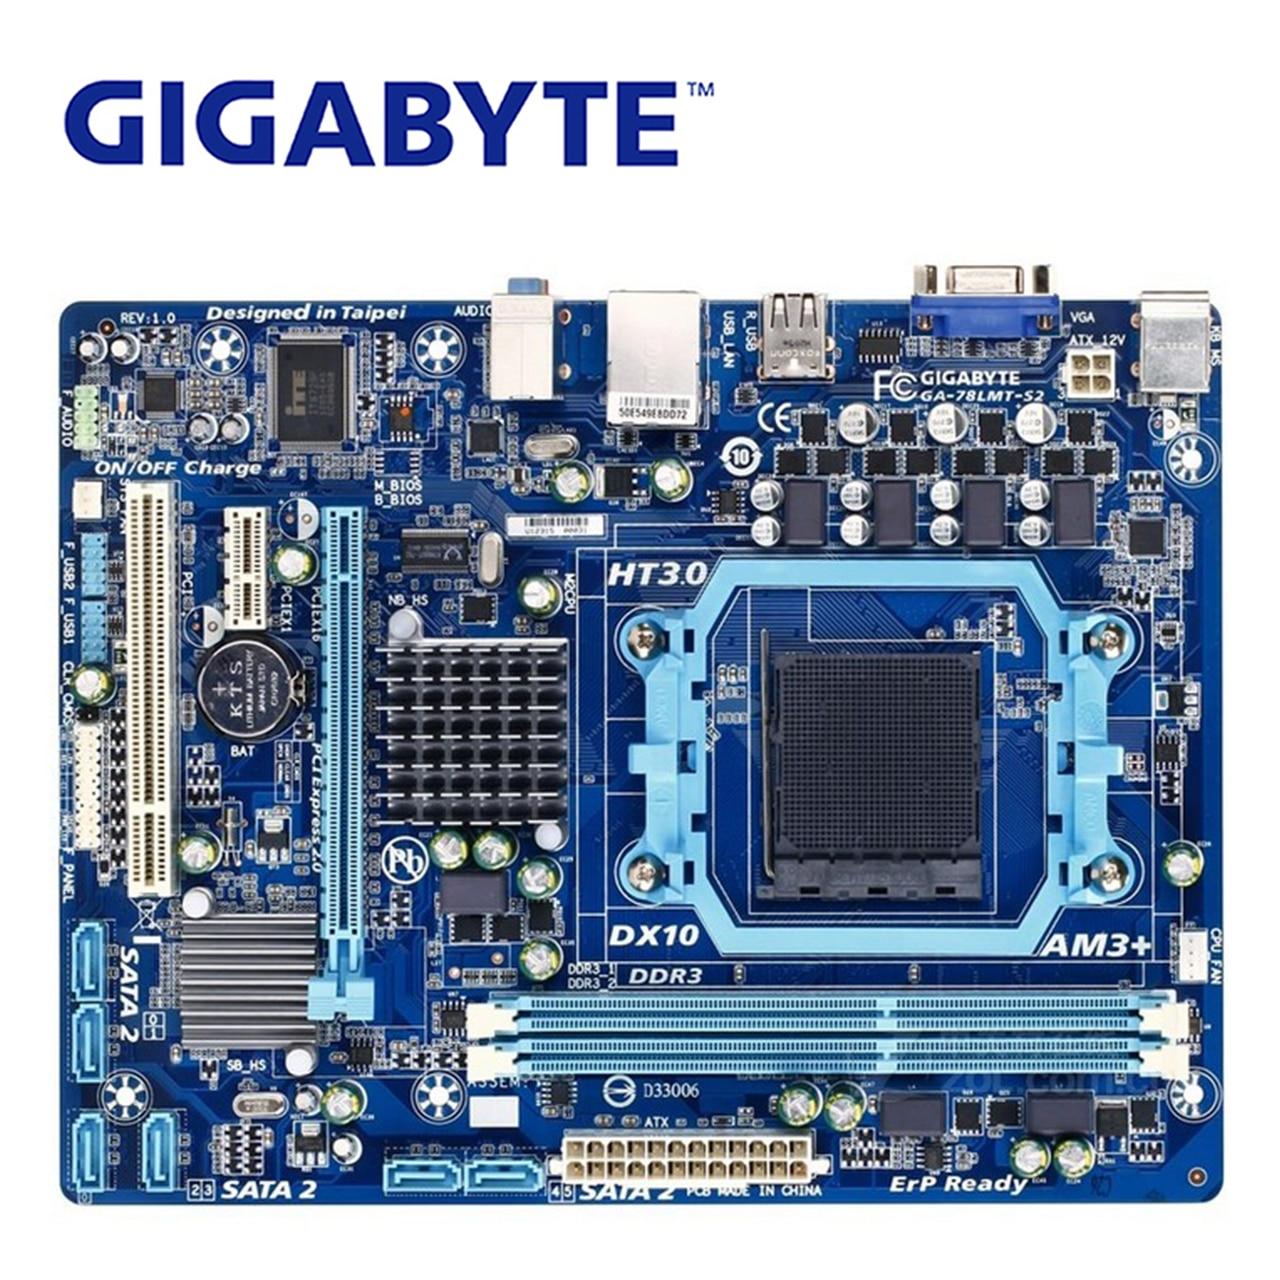 Prise AM3 +/AM3 Pour AMD DDR3 Gigabyte GA-78LMT-S2 Carte Mère 760g DDR3 USB2.0 16g 78LMT S2 De Bureau carte mère 78LMT-S2 Utilisé